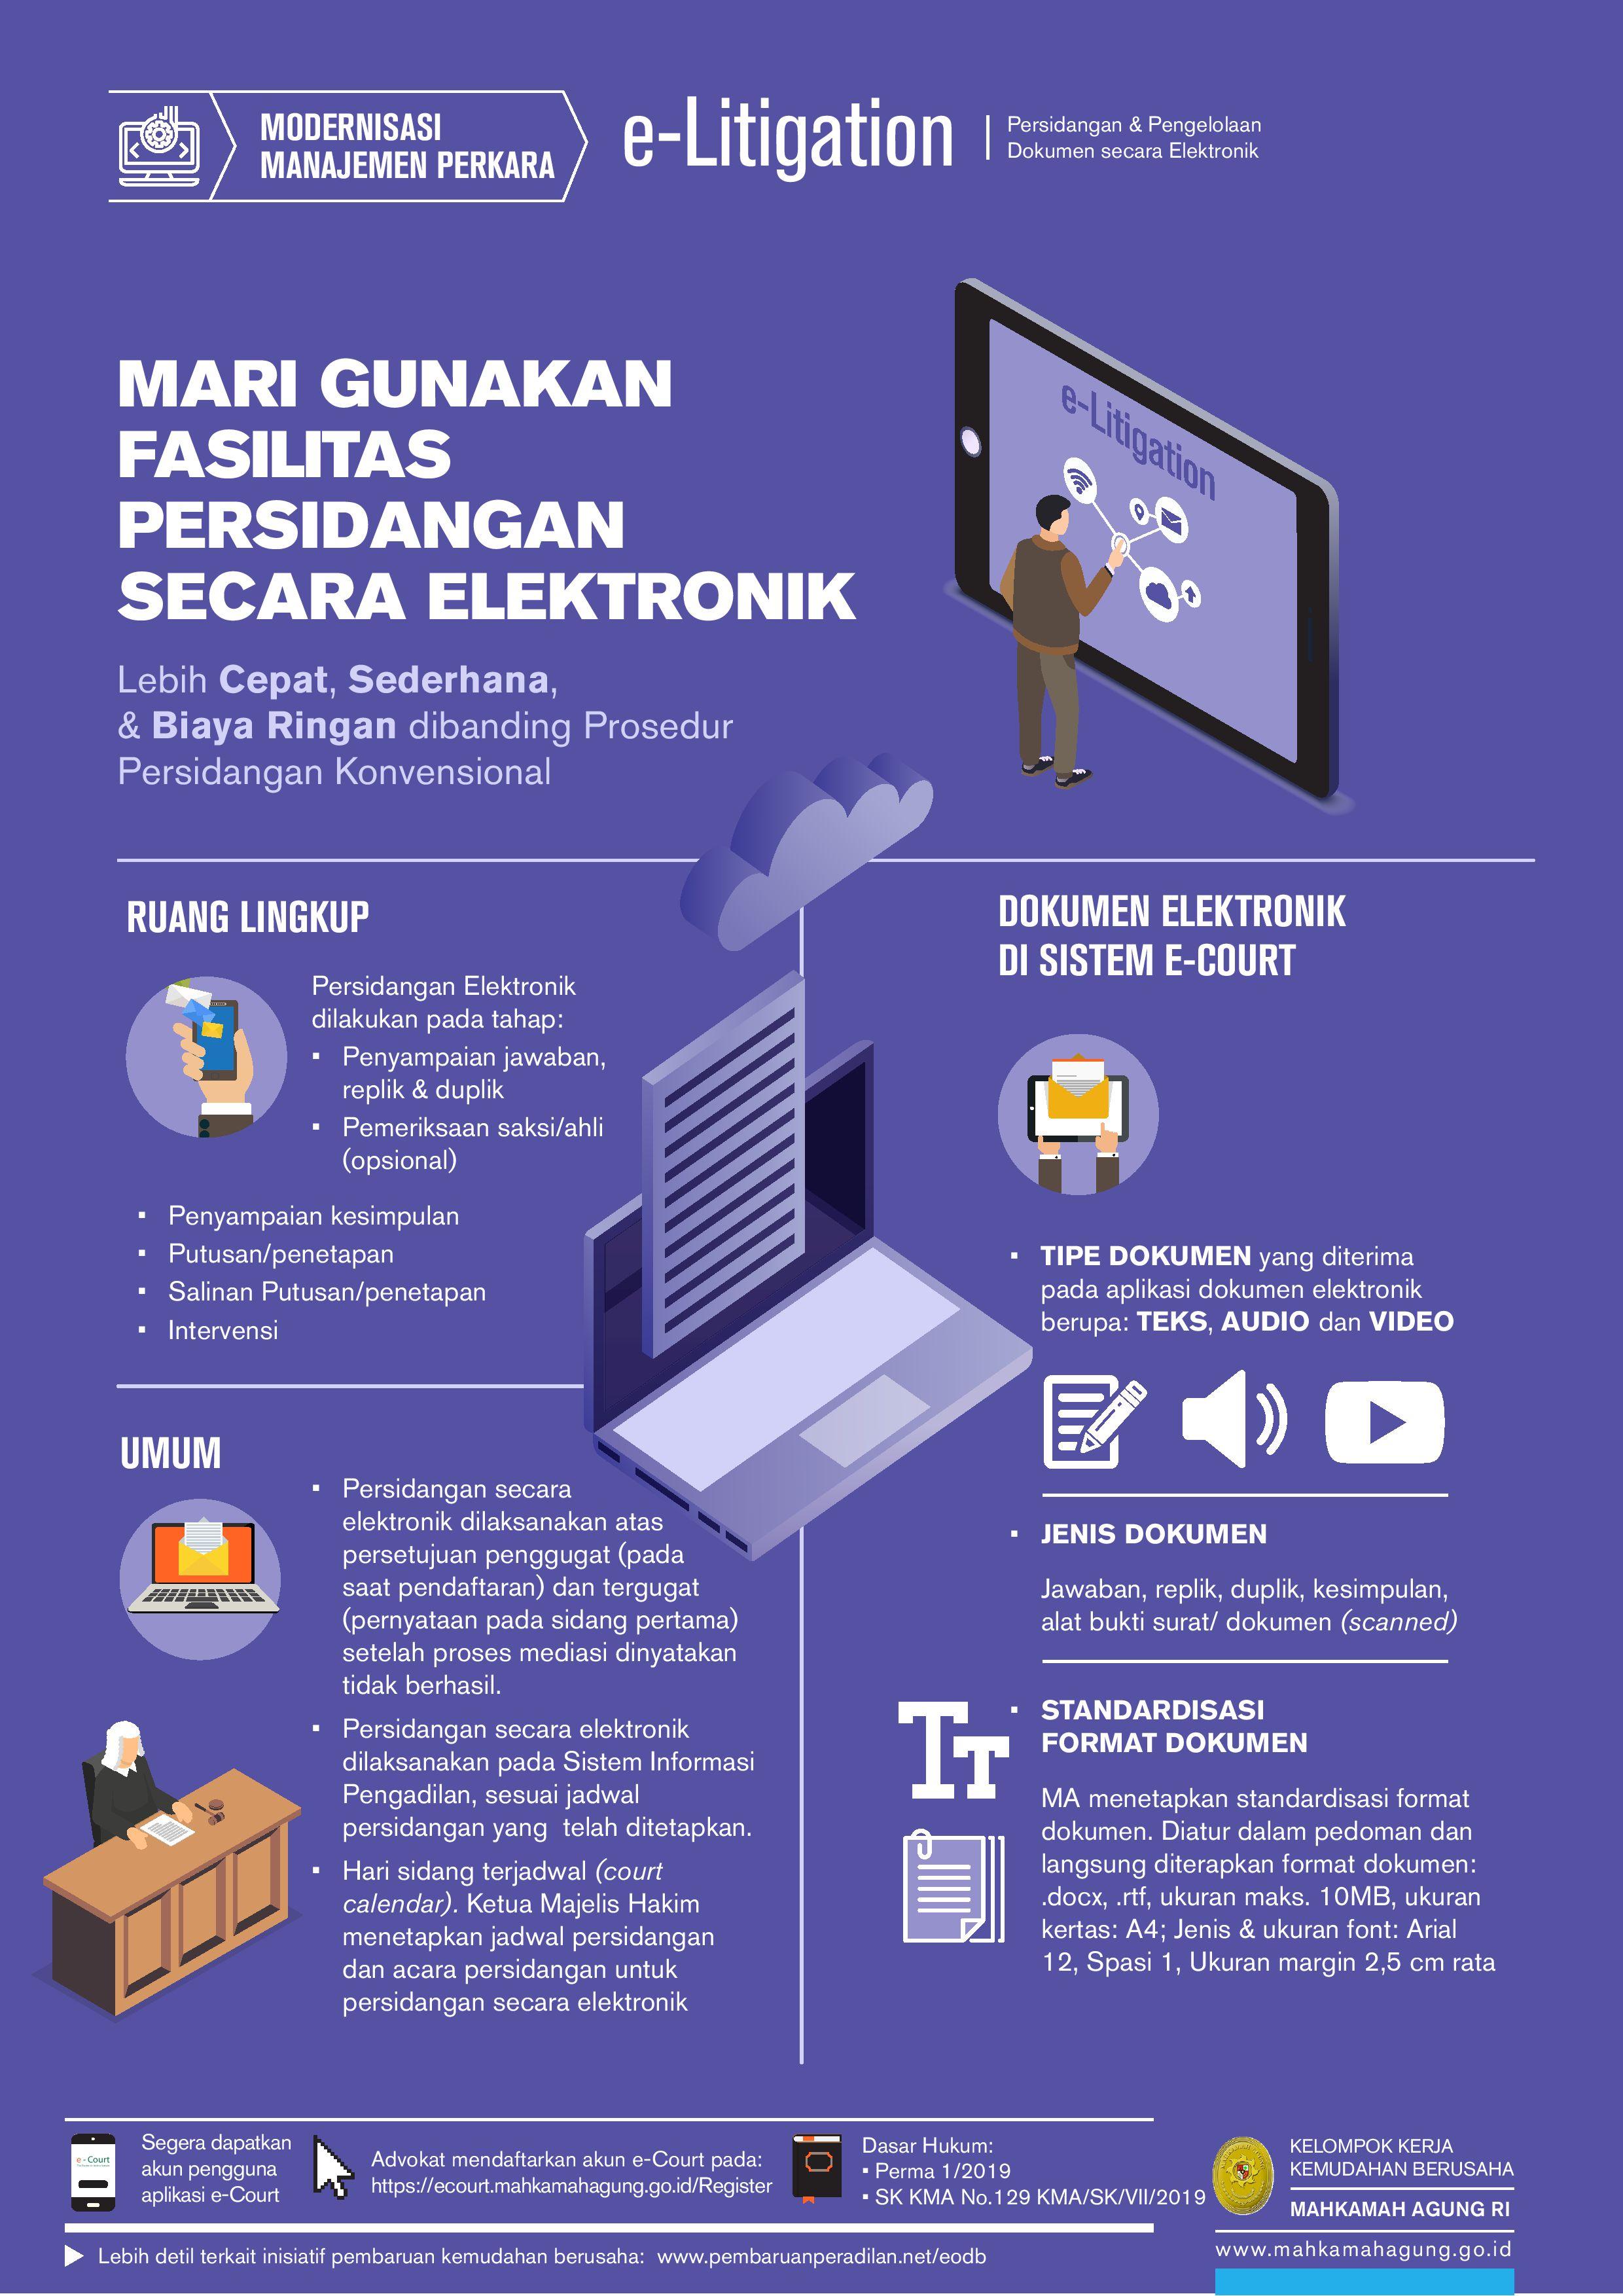 Infographic-Pembaruan_Peradilan-MA-Compiled_2020_11